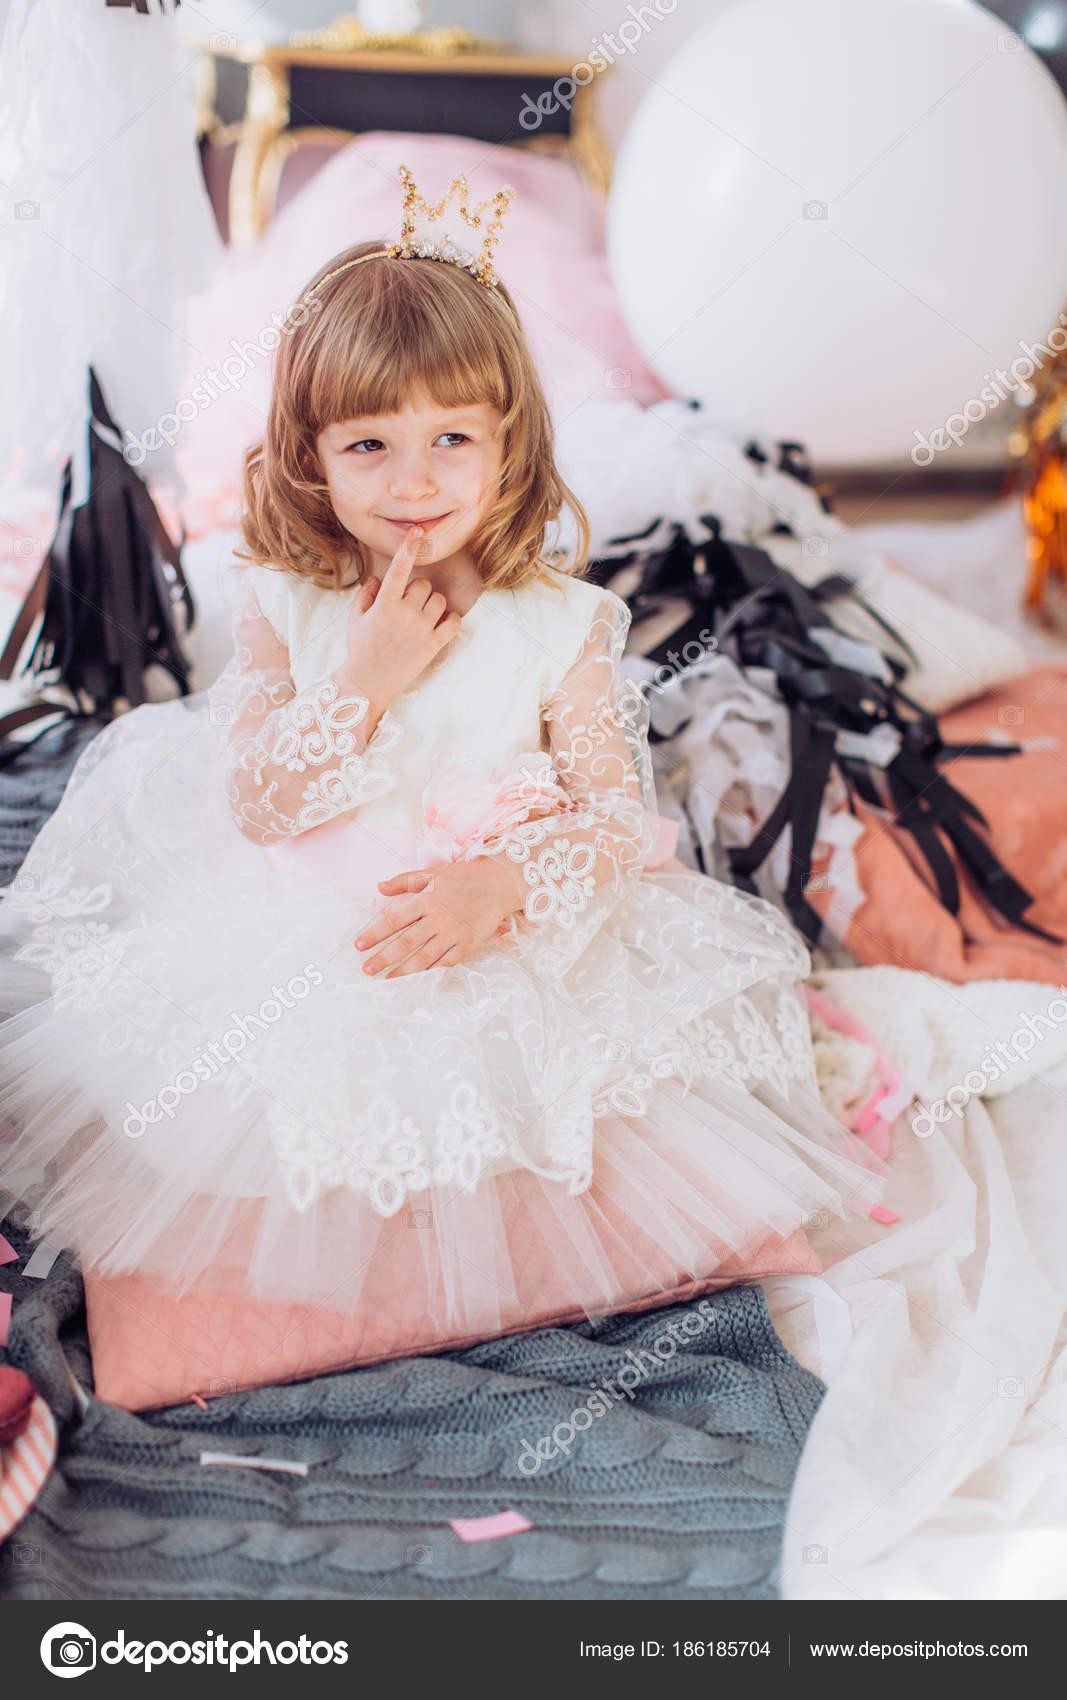 Niedliche Kleine Mädchen Kleid Raum Auf Geburtstagsparty — Stockfoto ...